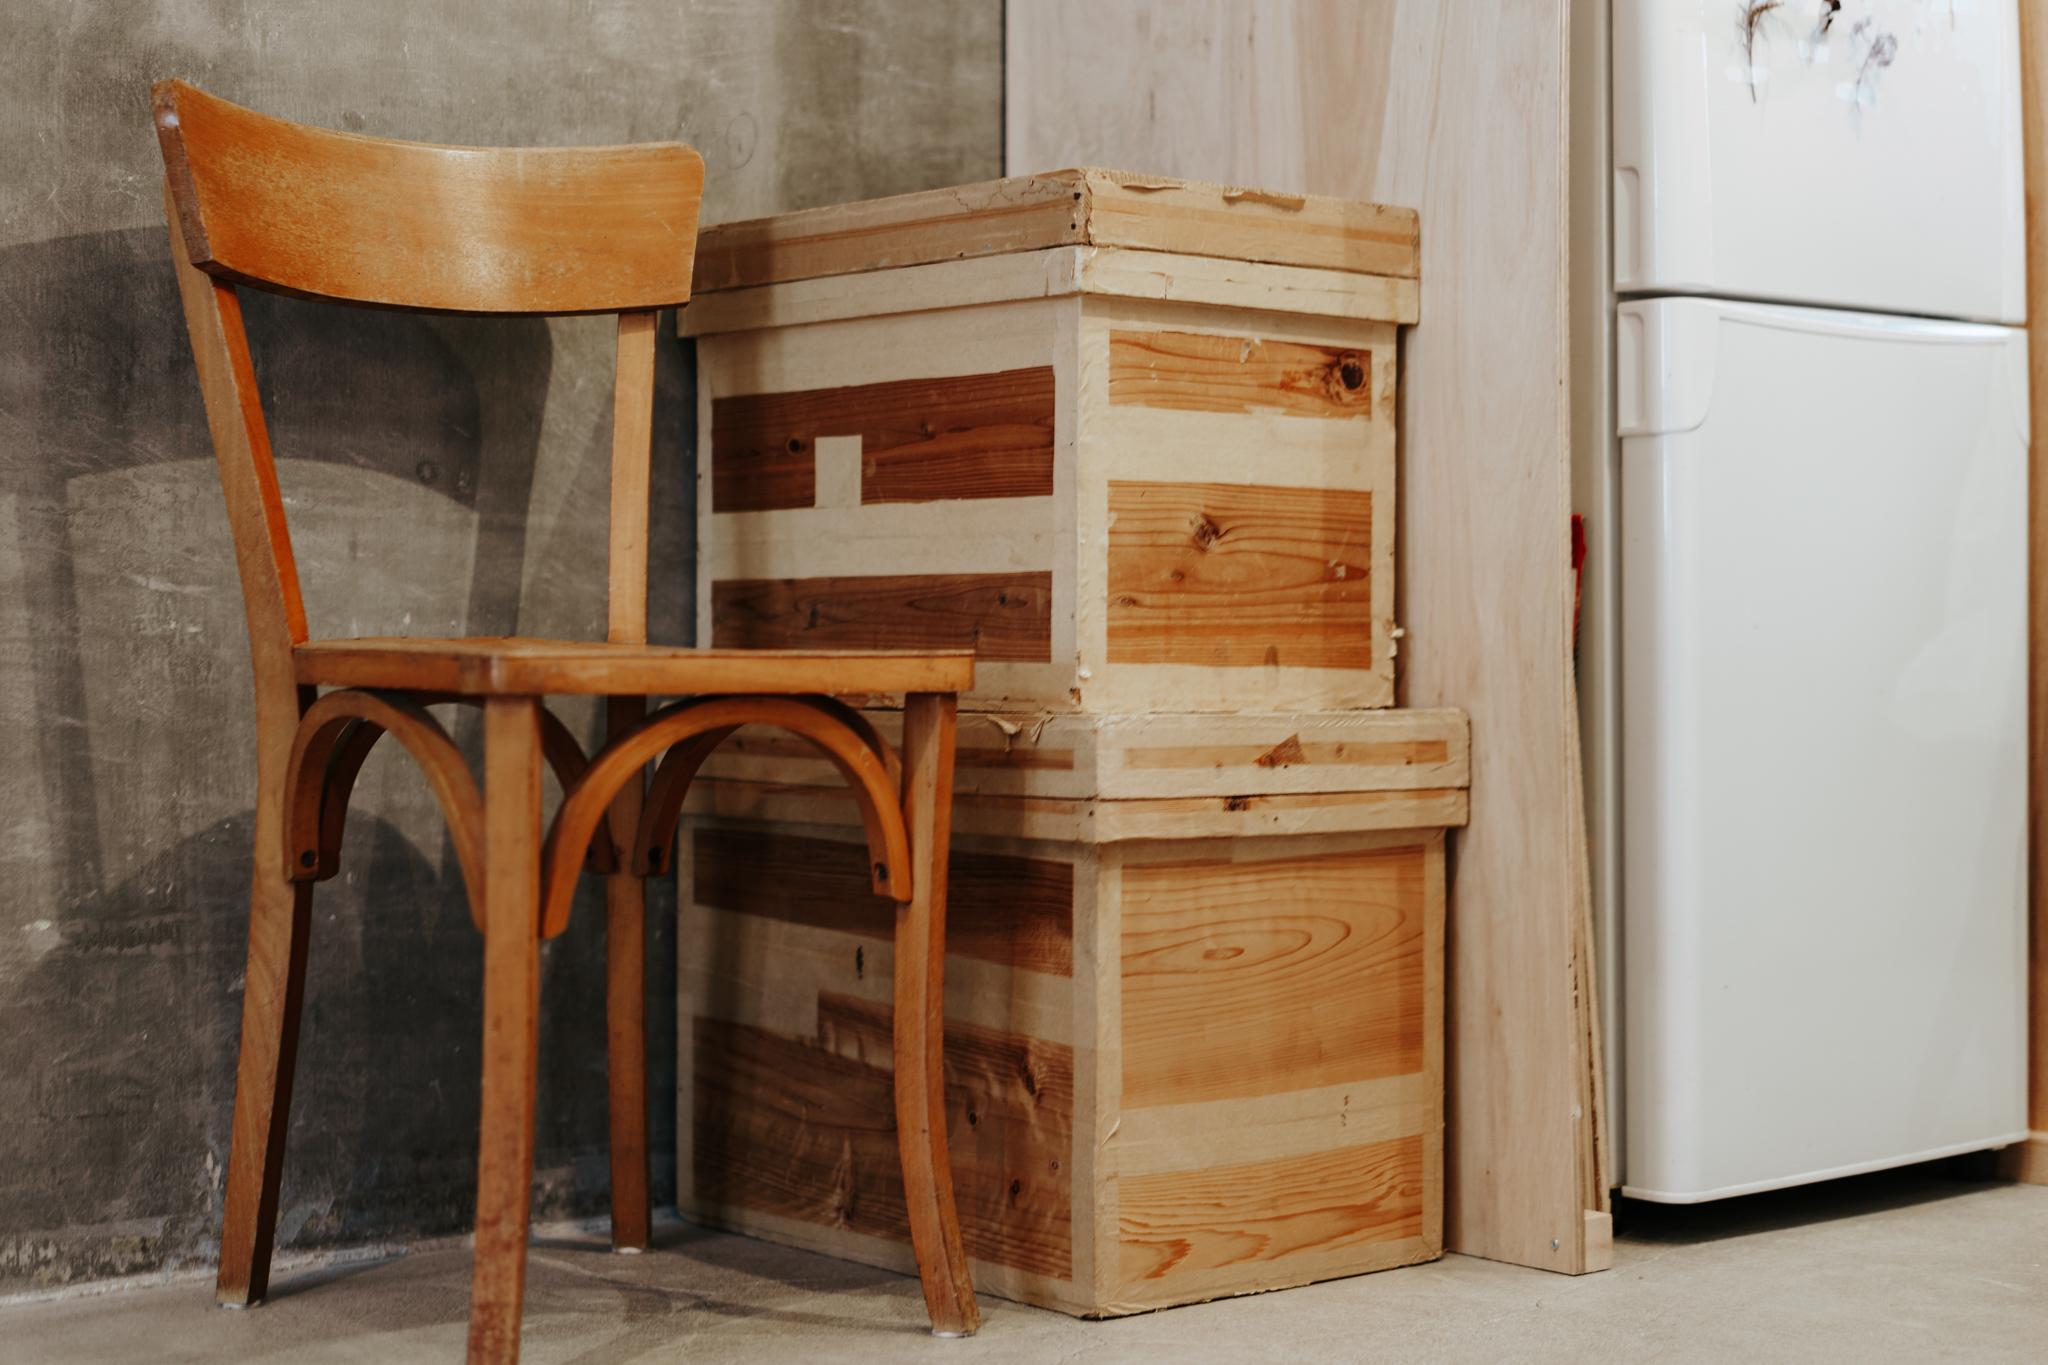 冷蔵庫の横にあったこの箱は、古い茶箱を活用しているそう。雰囲気があってかっこいい。